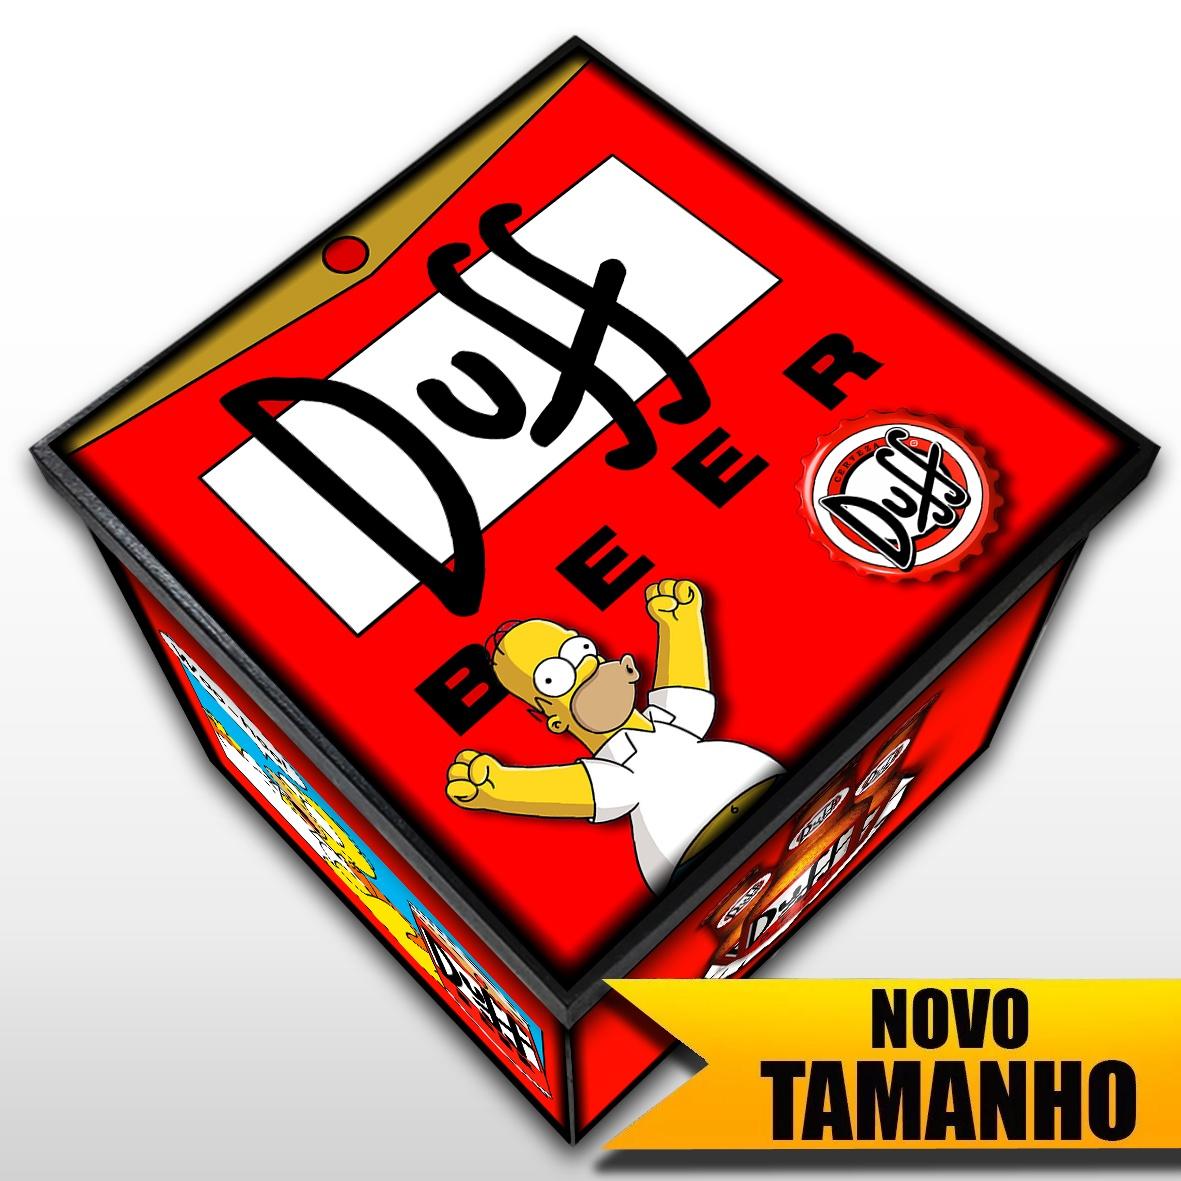 Duff - The Simpsons - Caixa Decorativa em MDF - Tamanho Grande - Mr. Rock